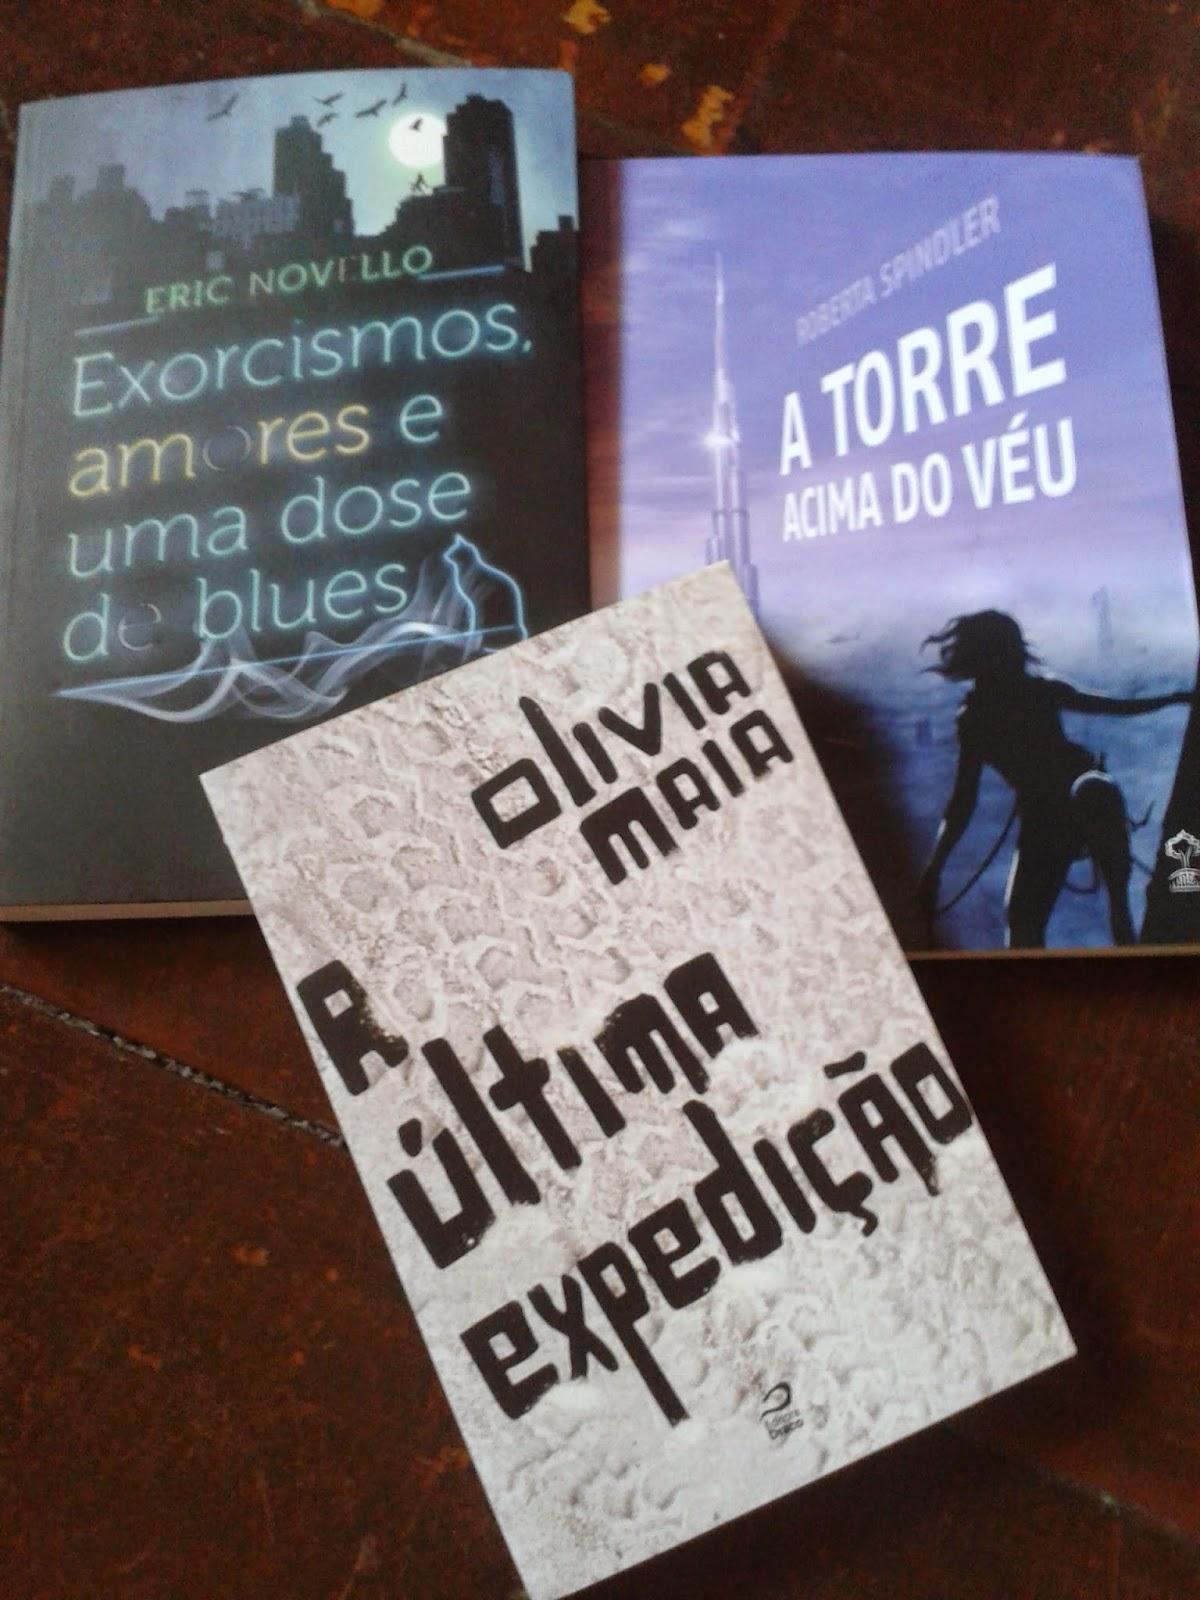 Primavera dos Livros 2014